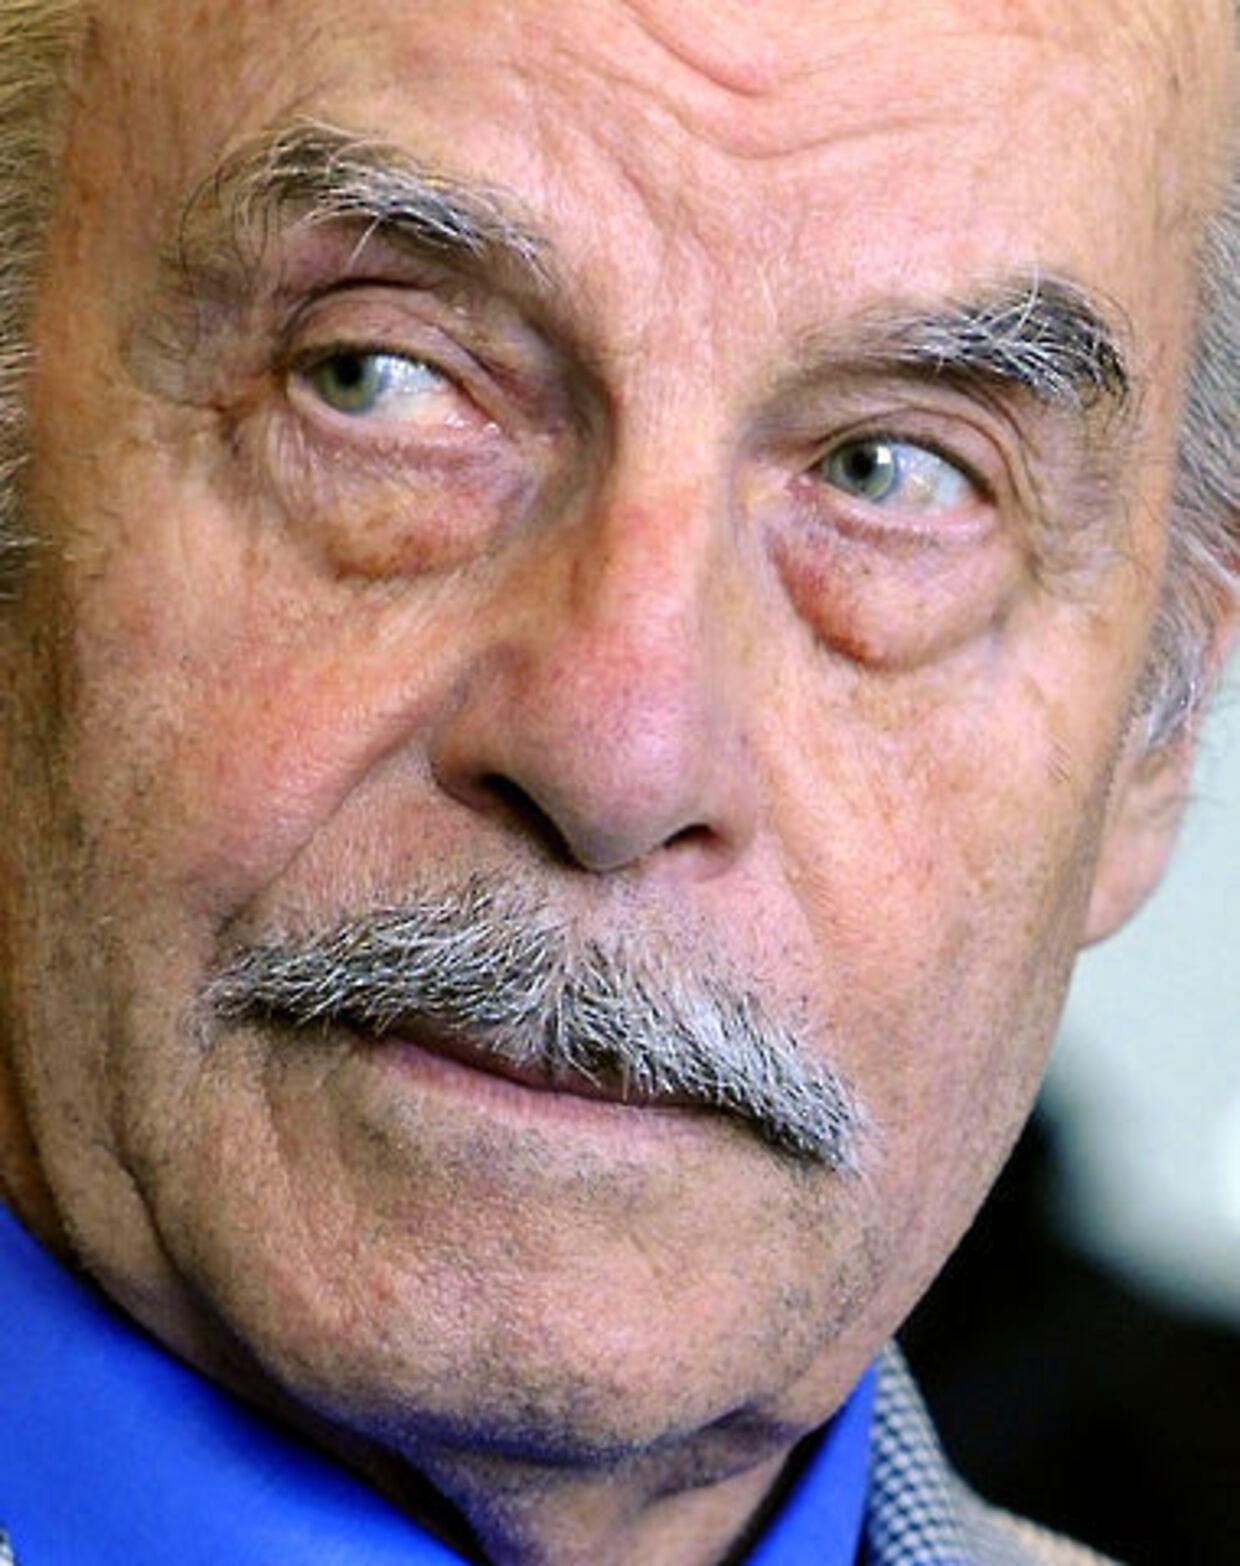 Josef Fritzl fortrak ikke en mine, da han i går blev idømt fængsel på livstid.